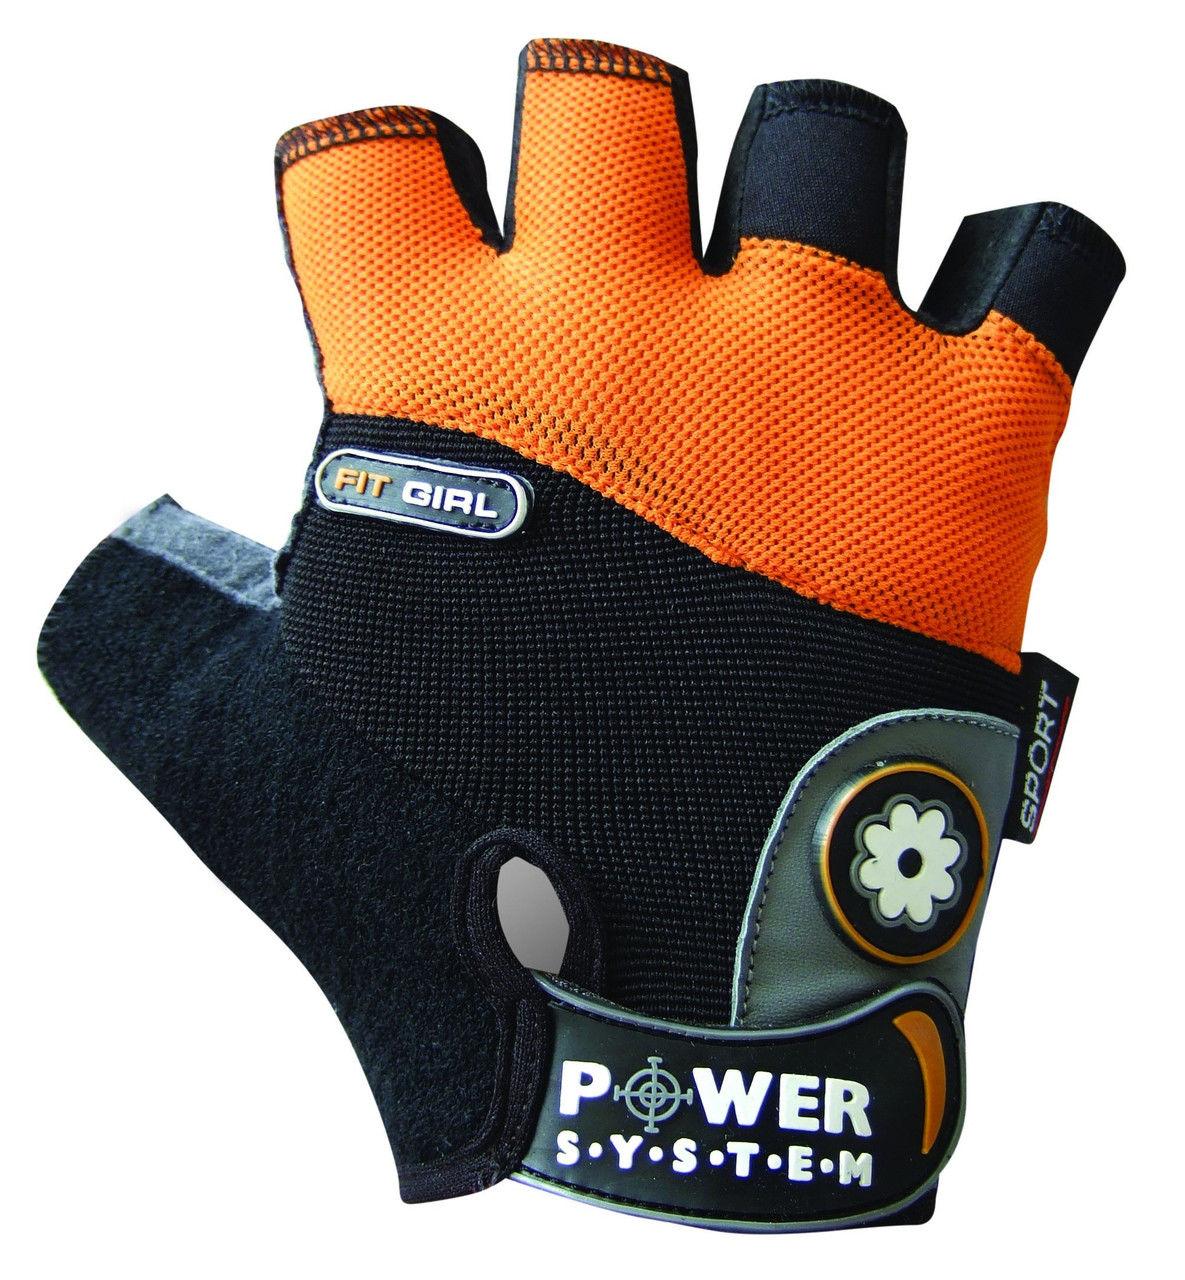 Перчатки Power System Fit Girl PS-2900 фото видео изображение